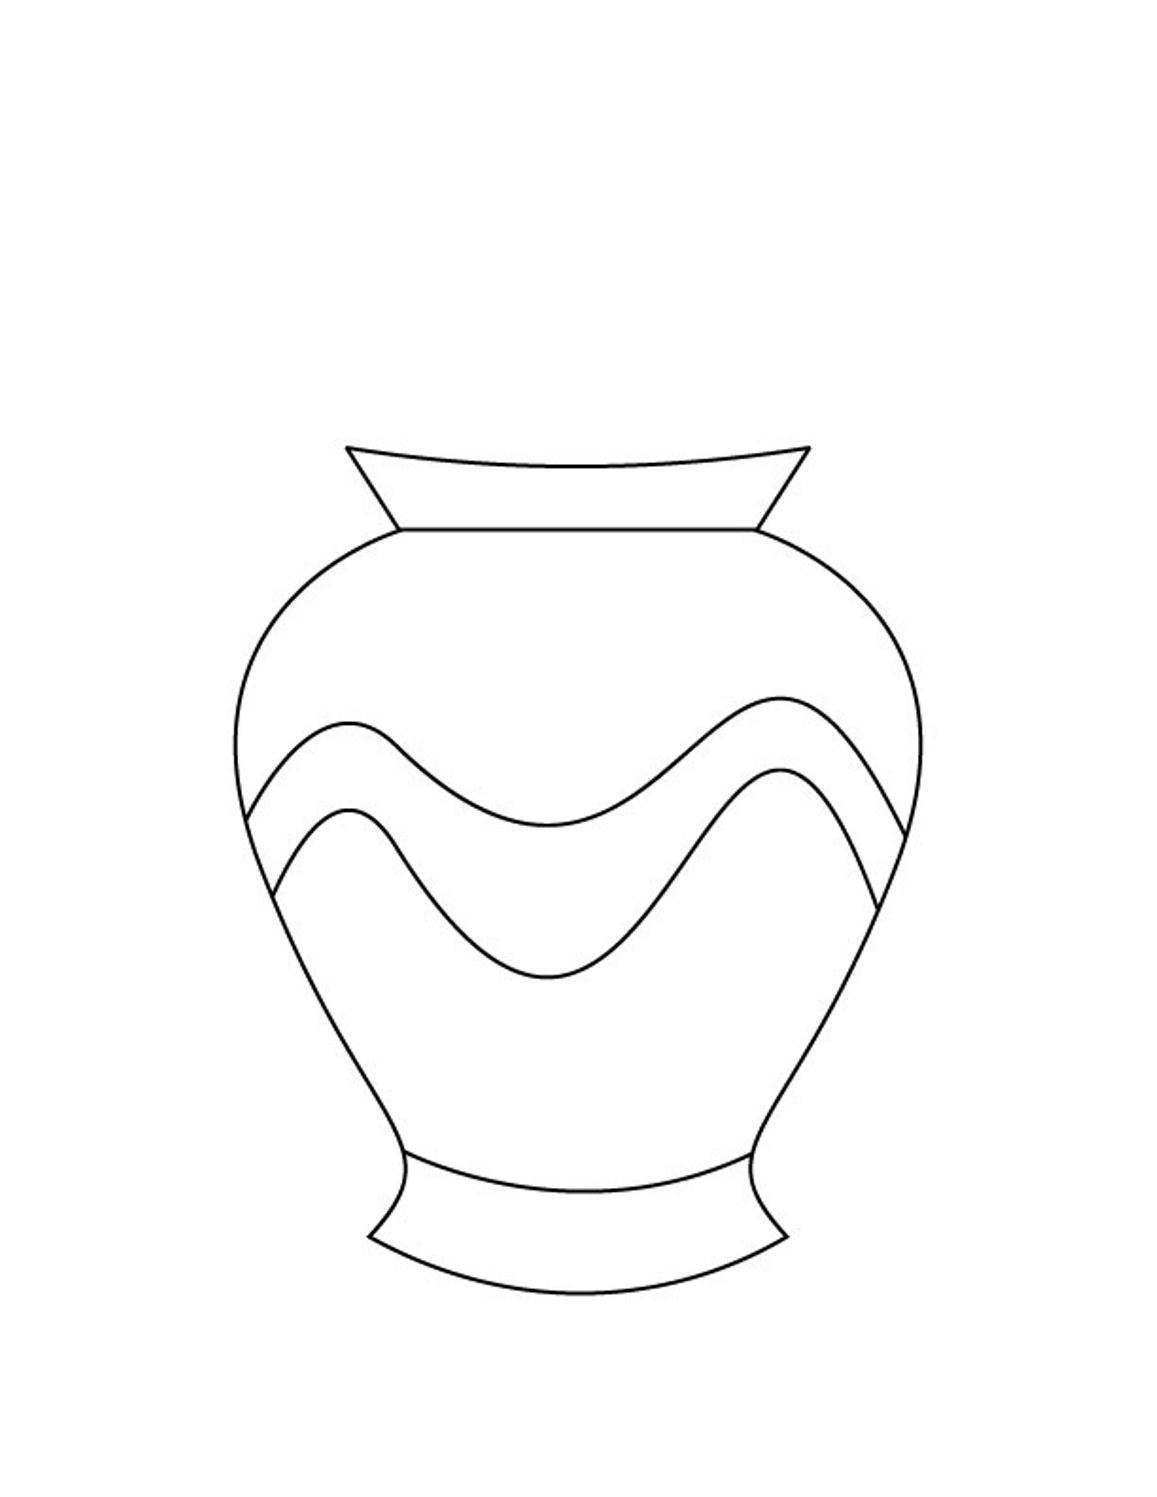 Раскраска ваза без цветов